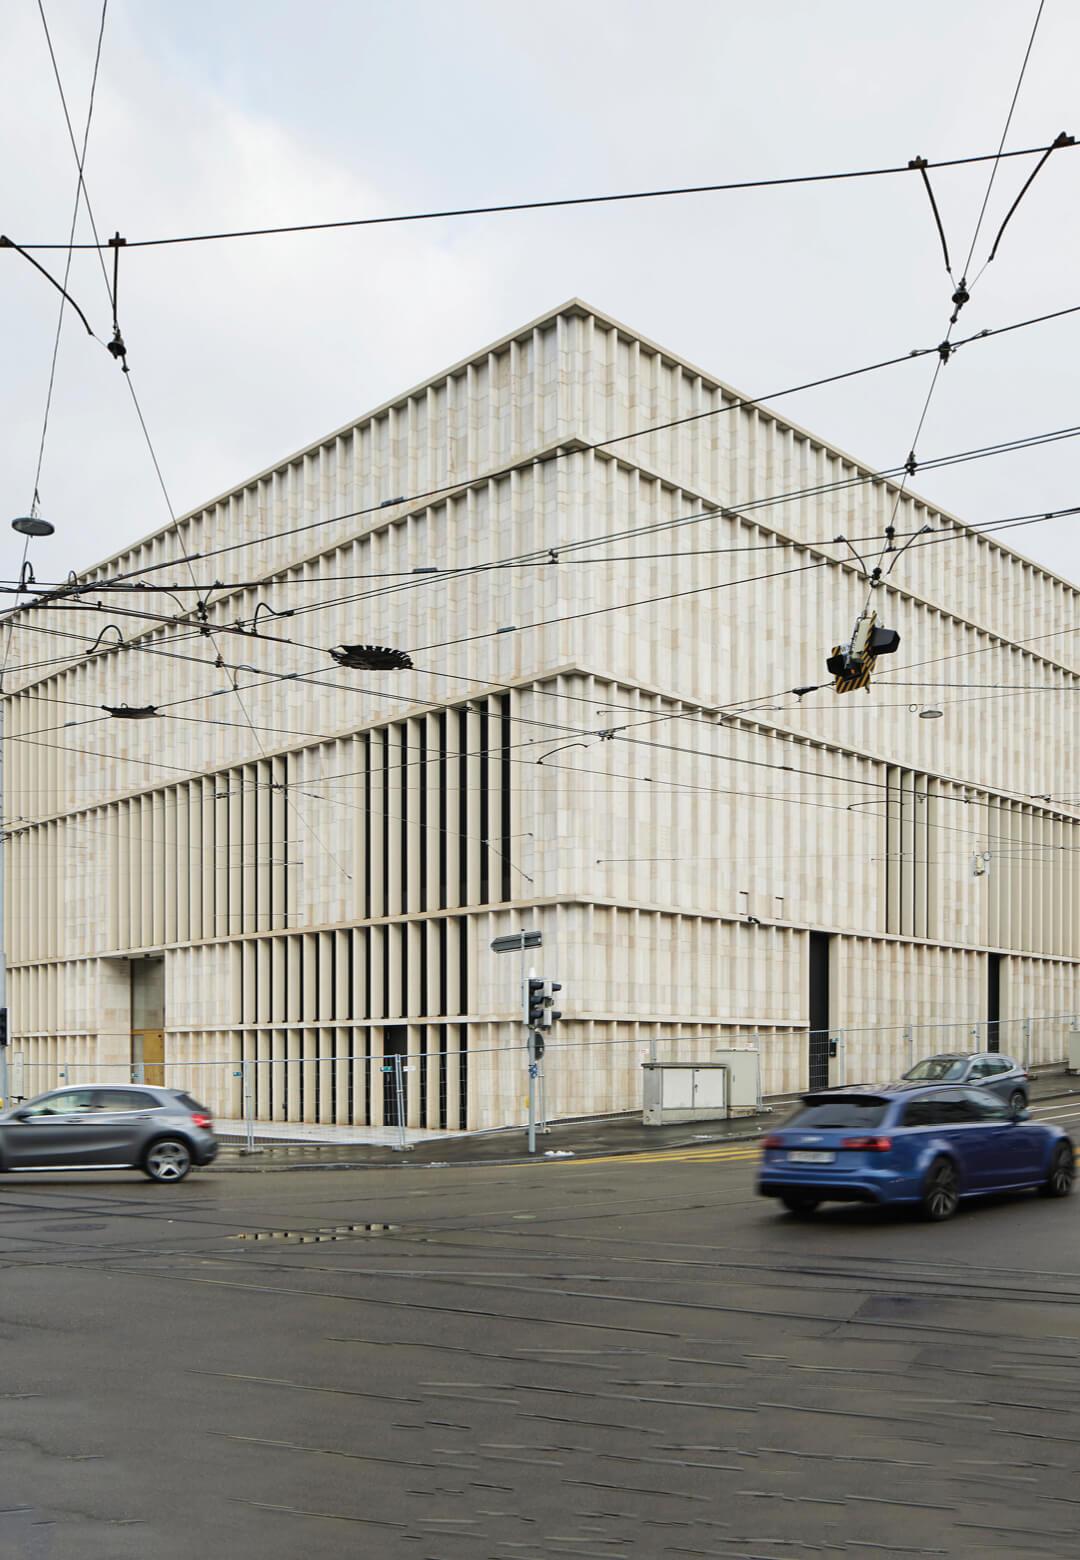 The new extension of the Kunsthaus Zurich by David Chipperfield Architects   Kunsthaus Zurich   Switzerland   STIRworld